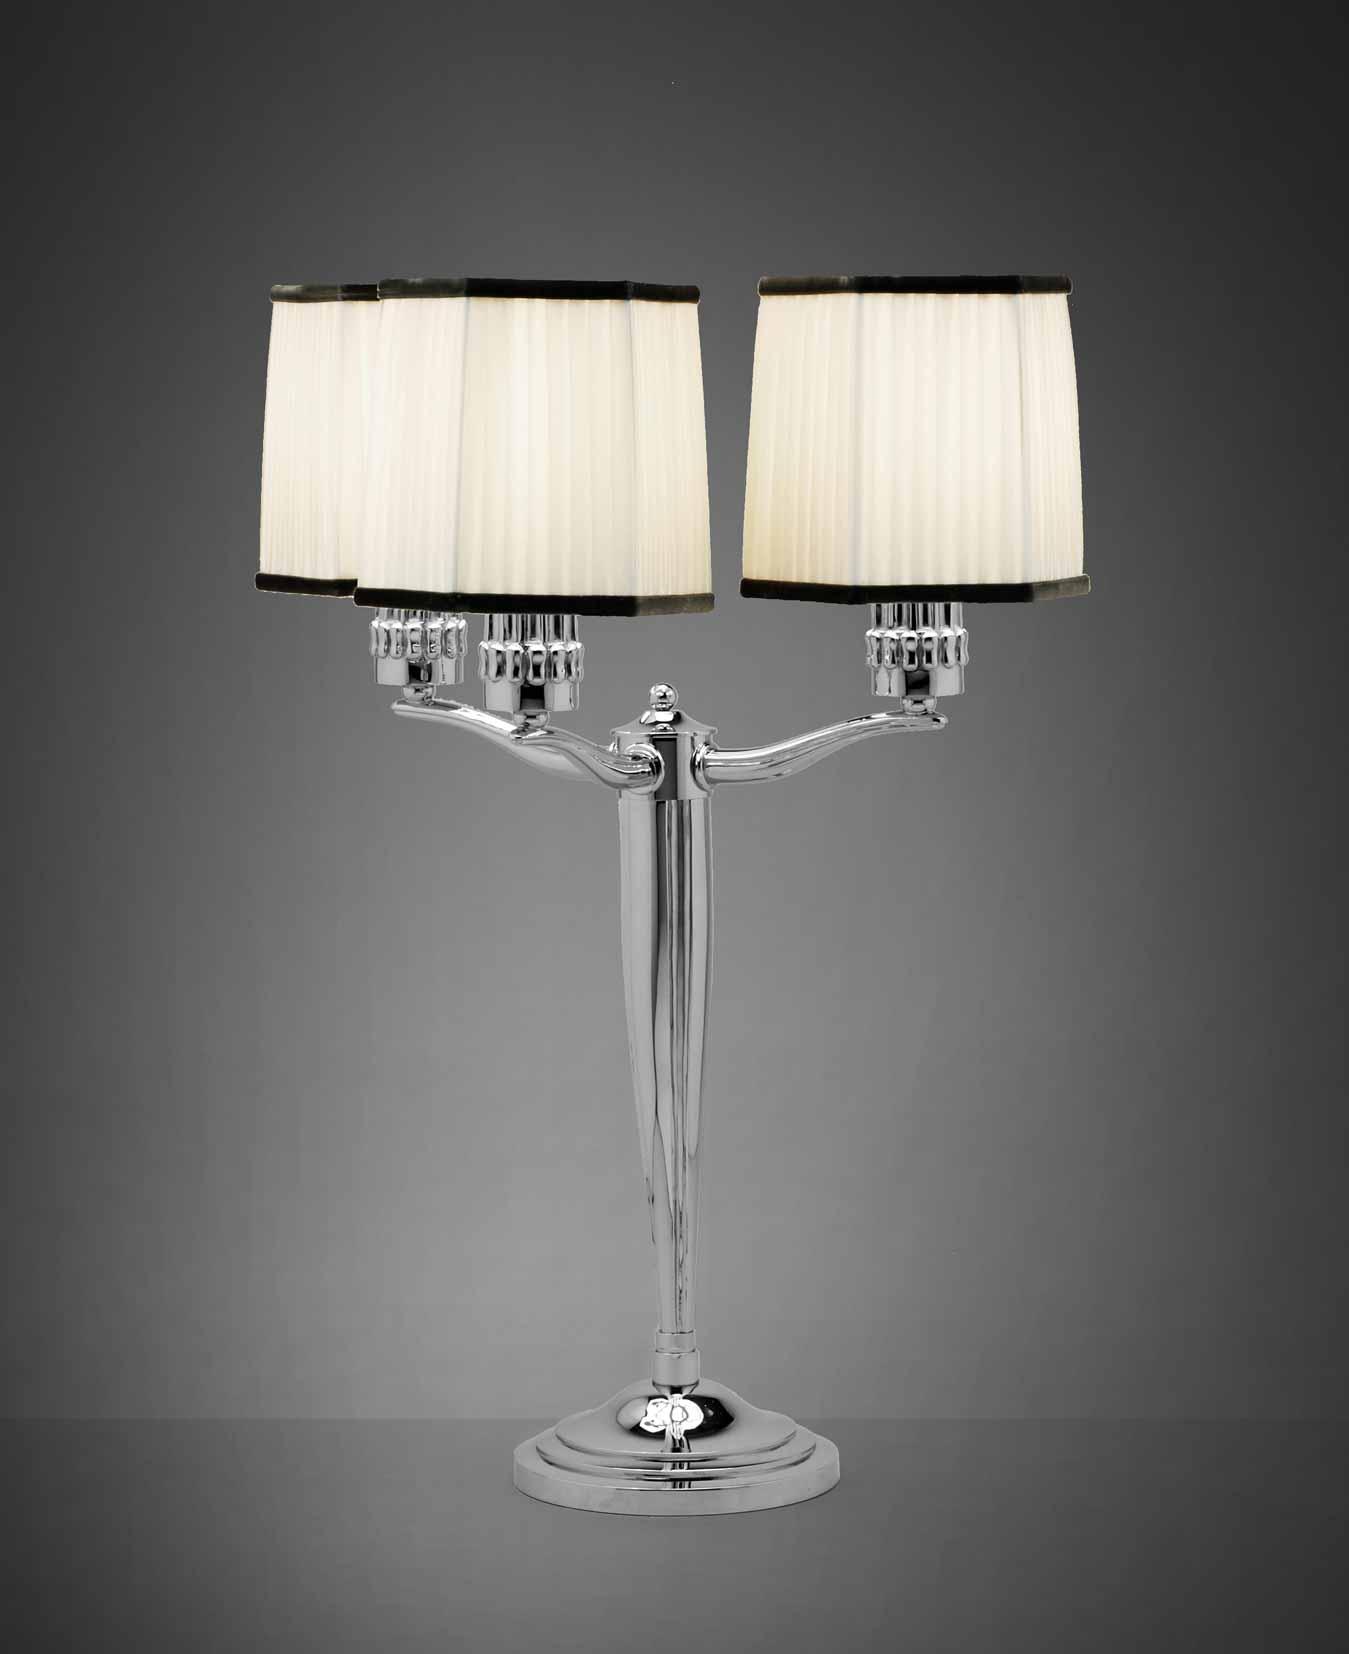 Lampes & lampadaires - 13425